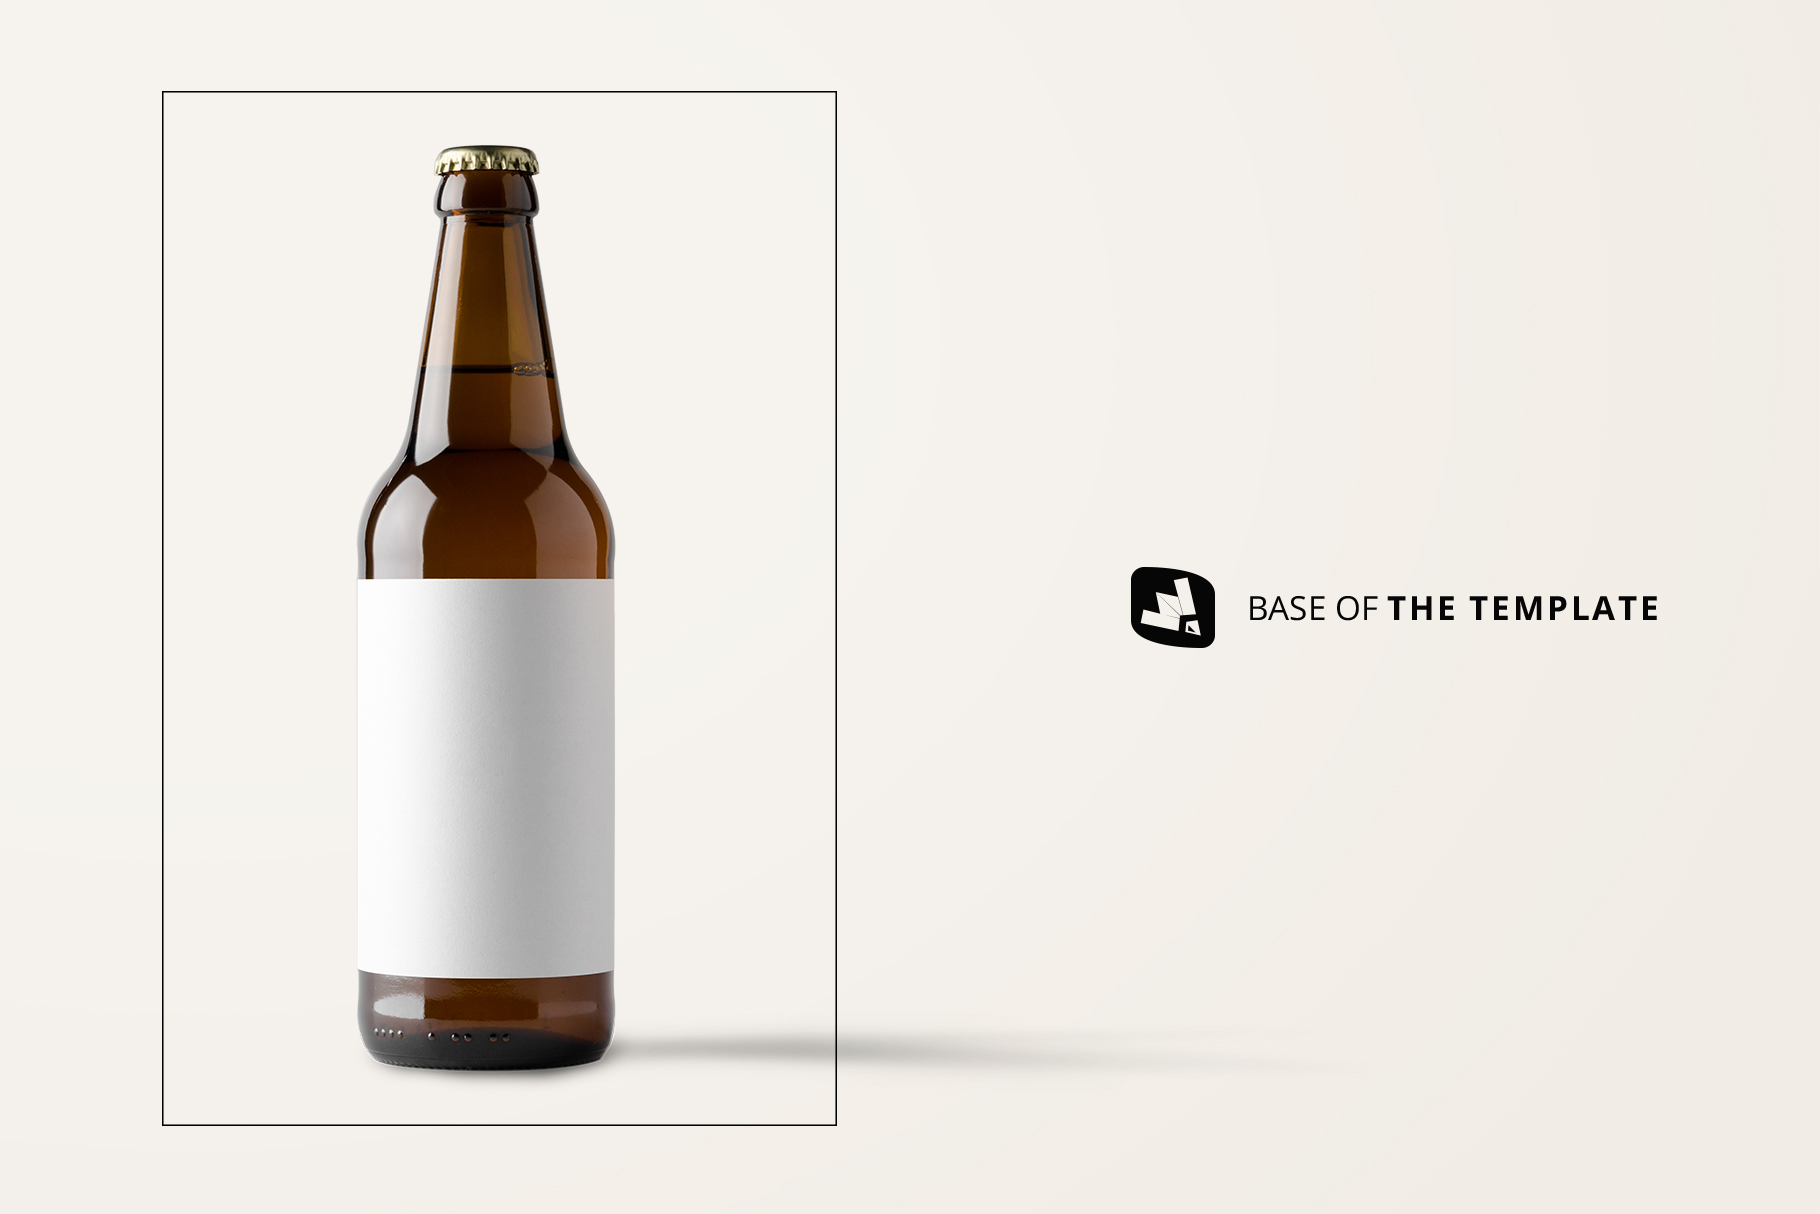 base image of the craft beer bottle packaging mockup